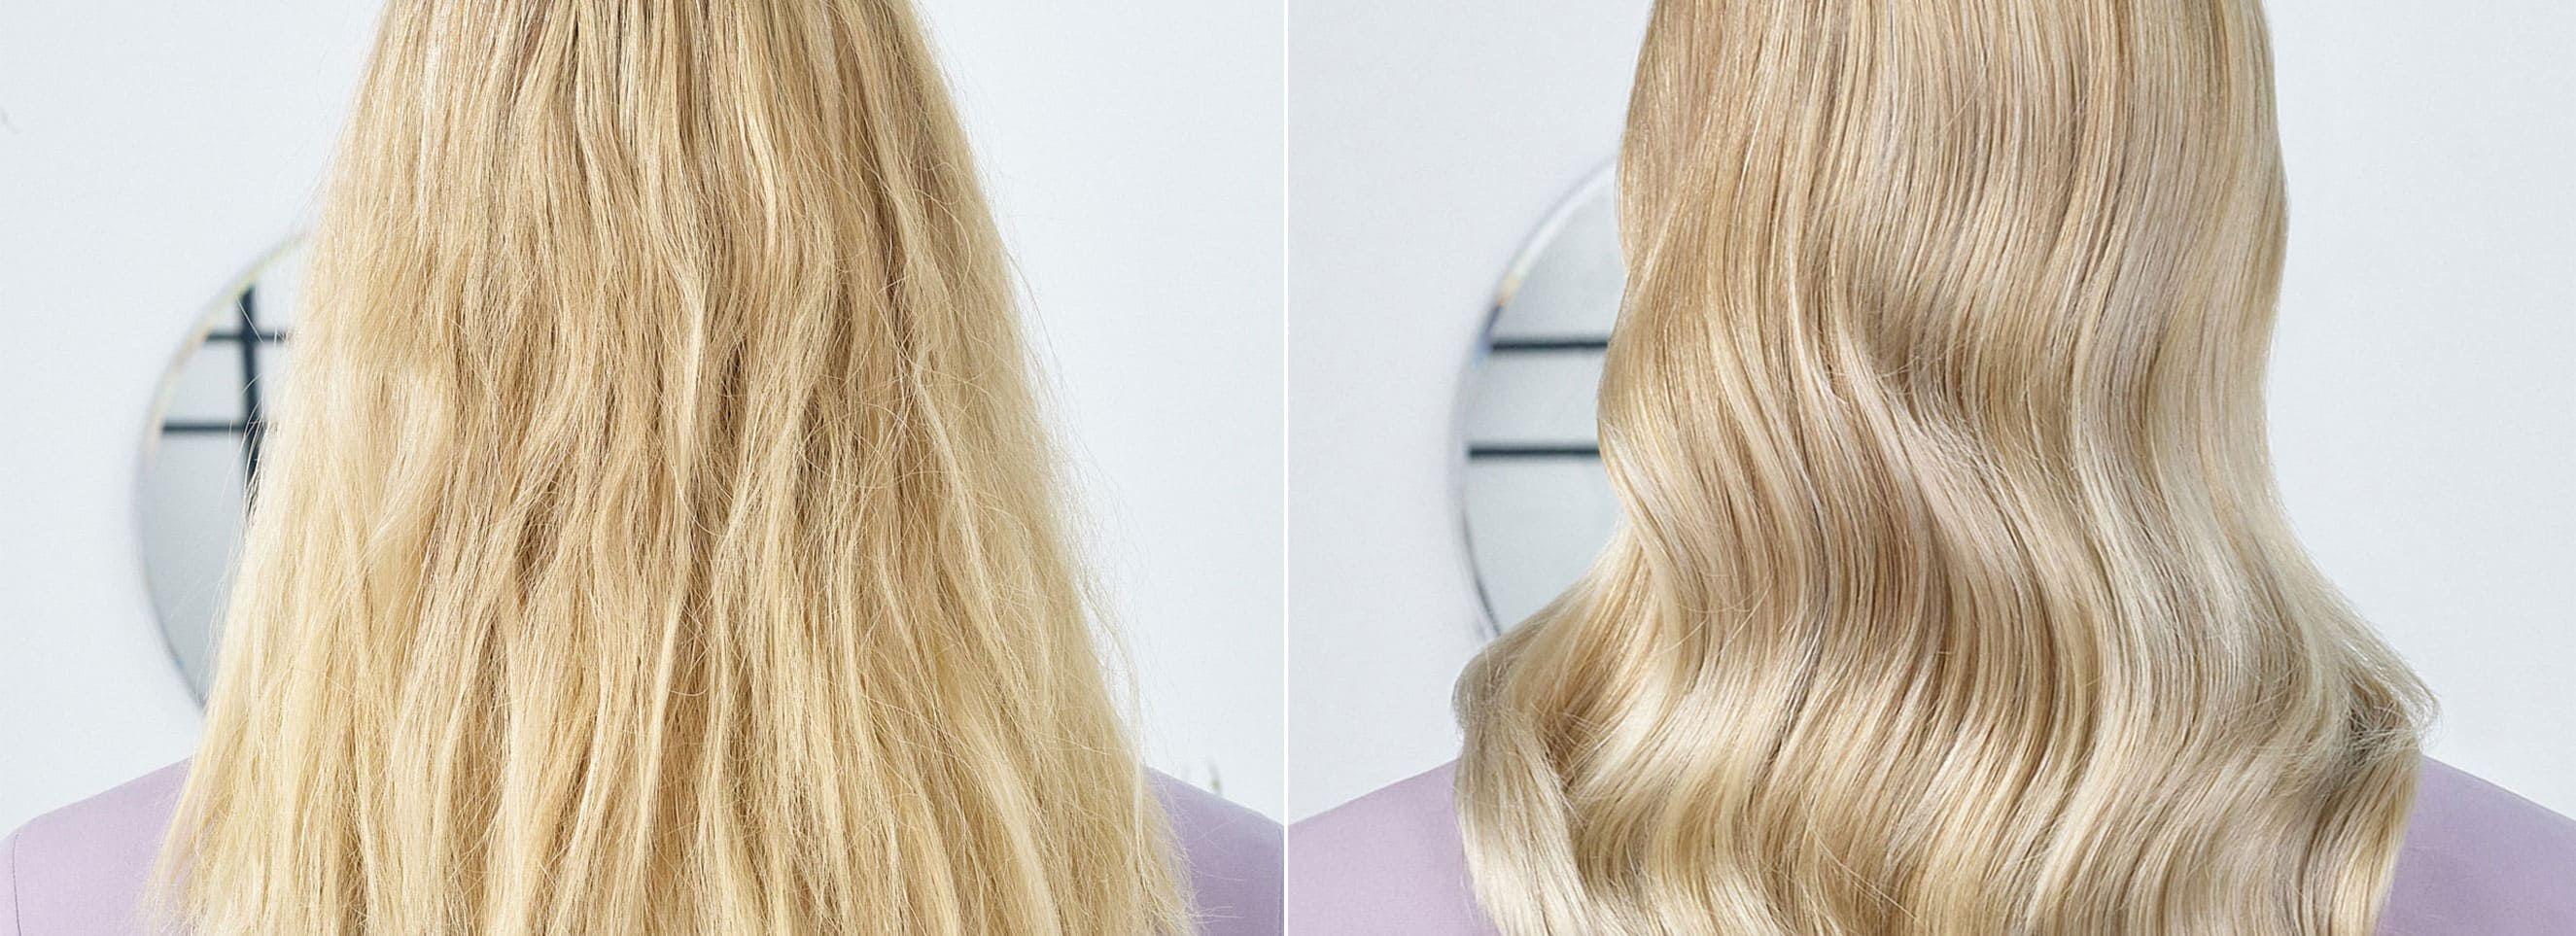 Modelo pasarela con cabello liso y brillante color castaño oscuro y raya al lado